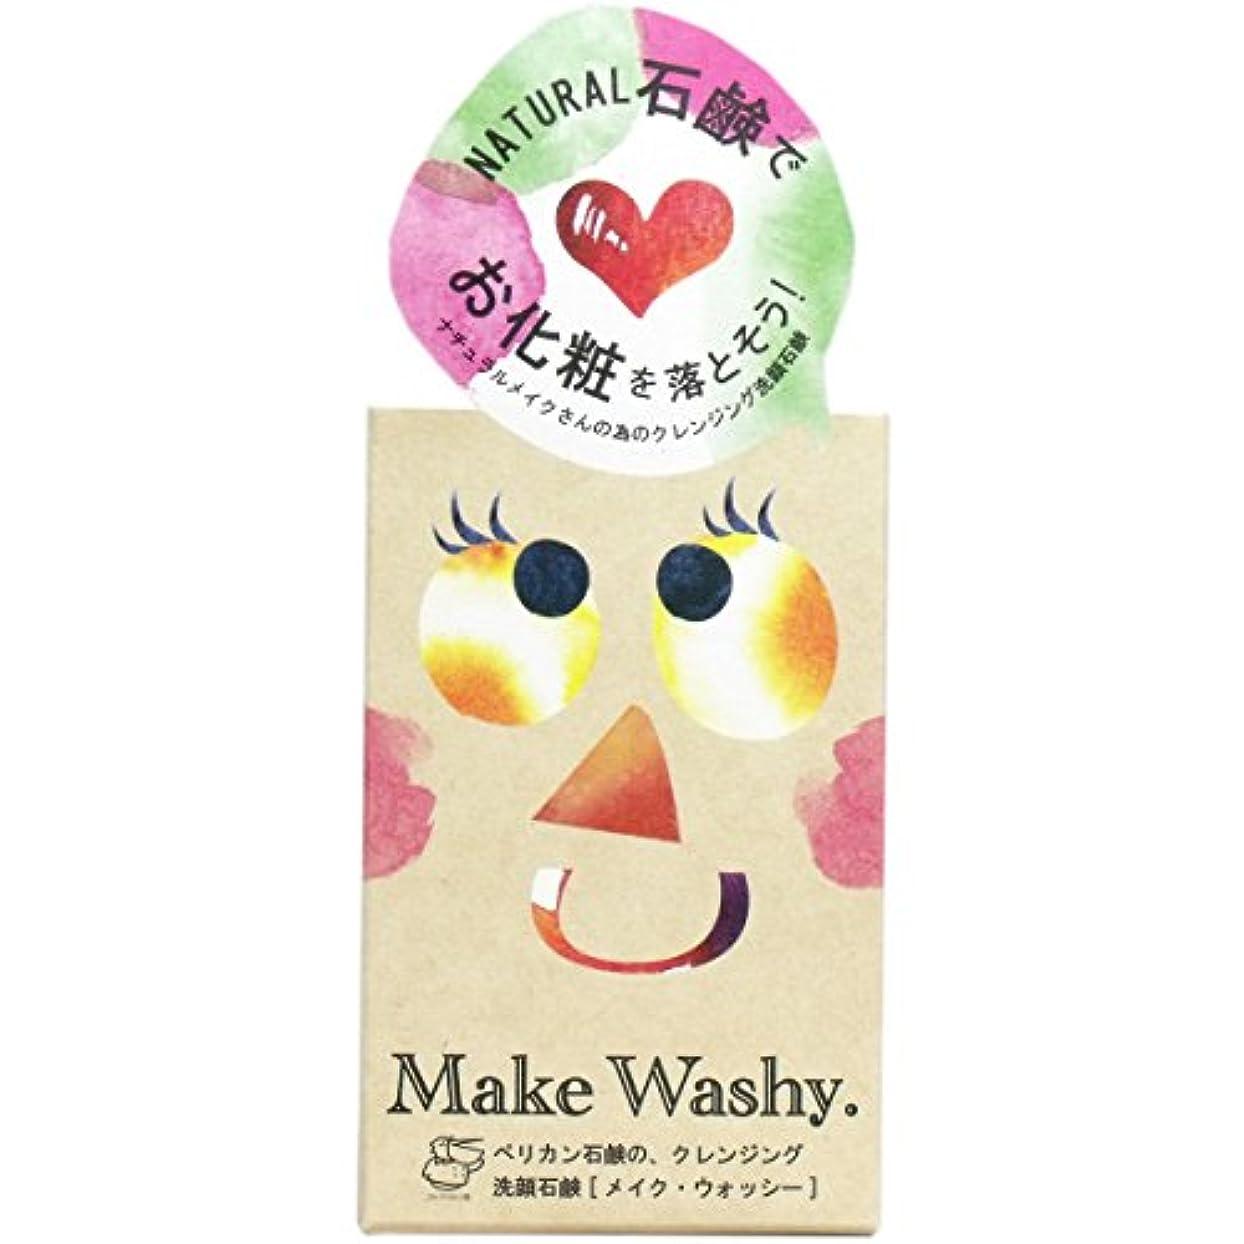 メイクウォッシー 洗顔石鹸 × 10個セット